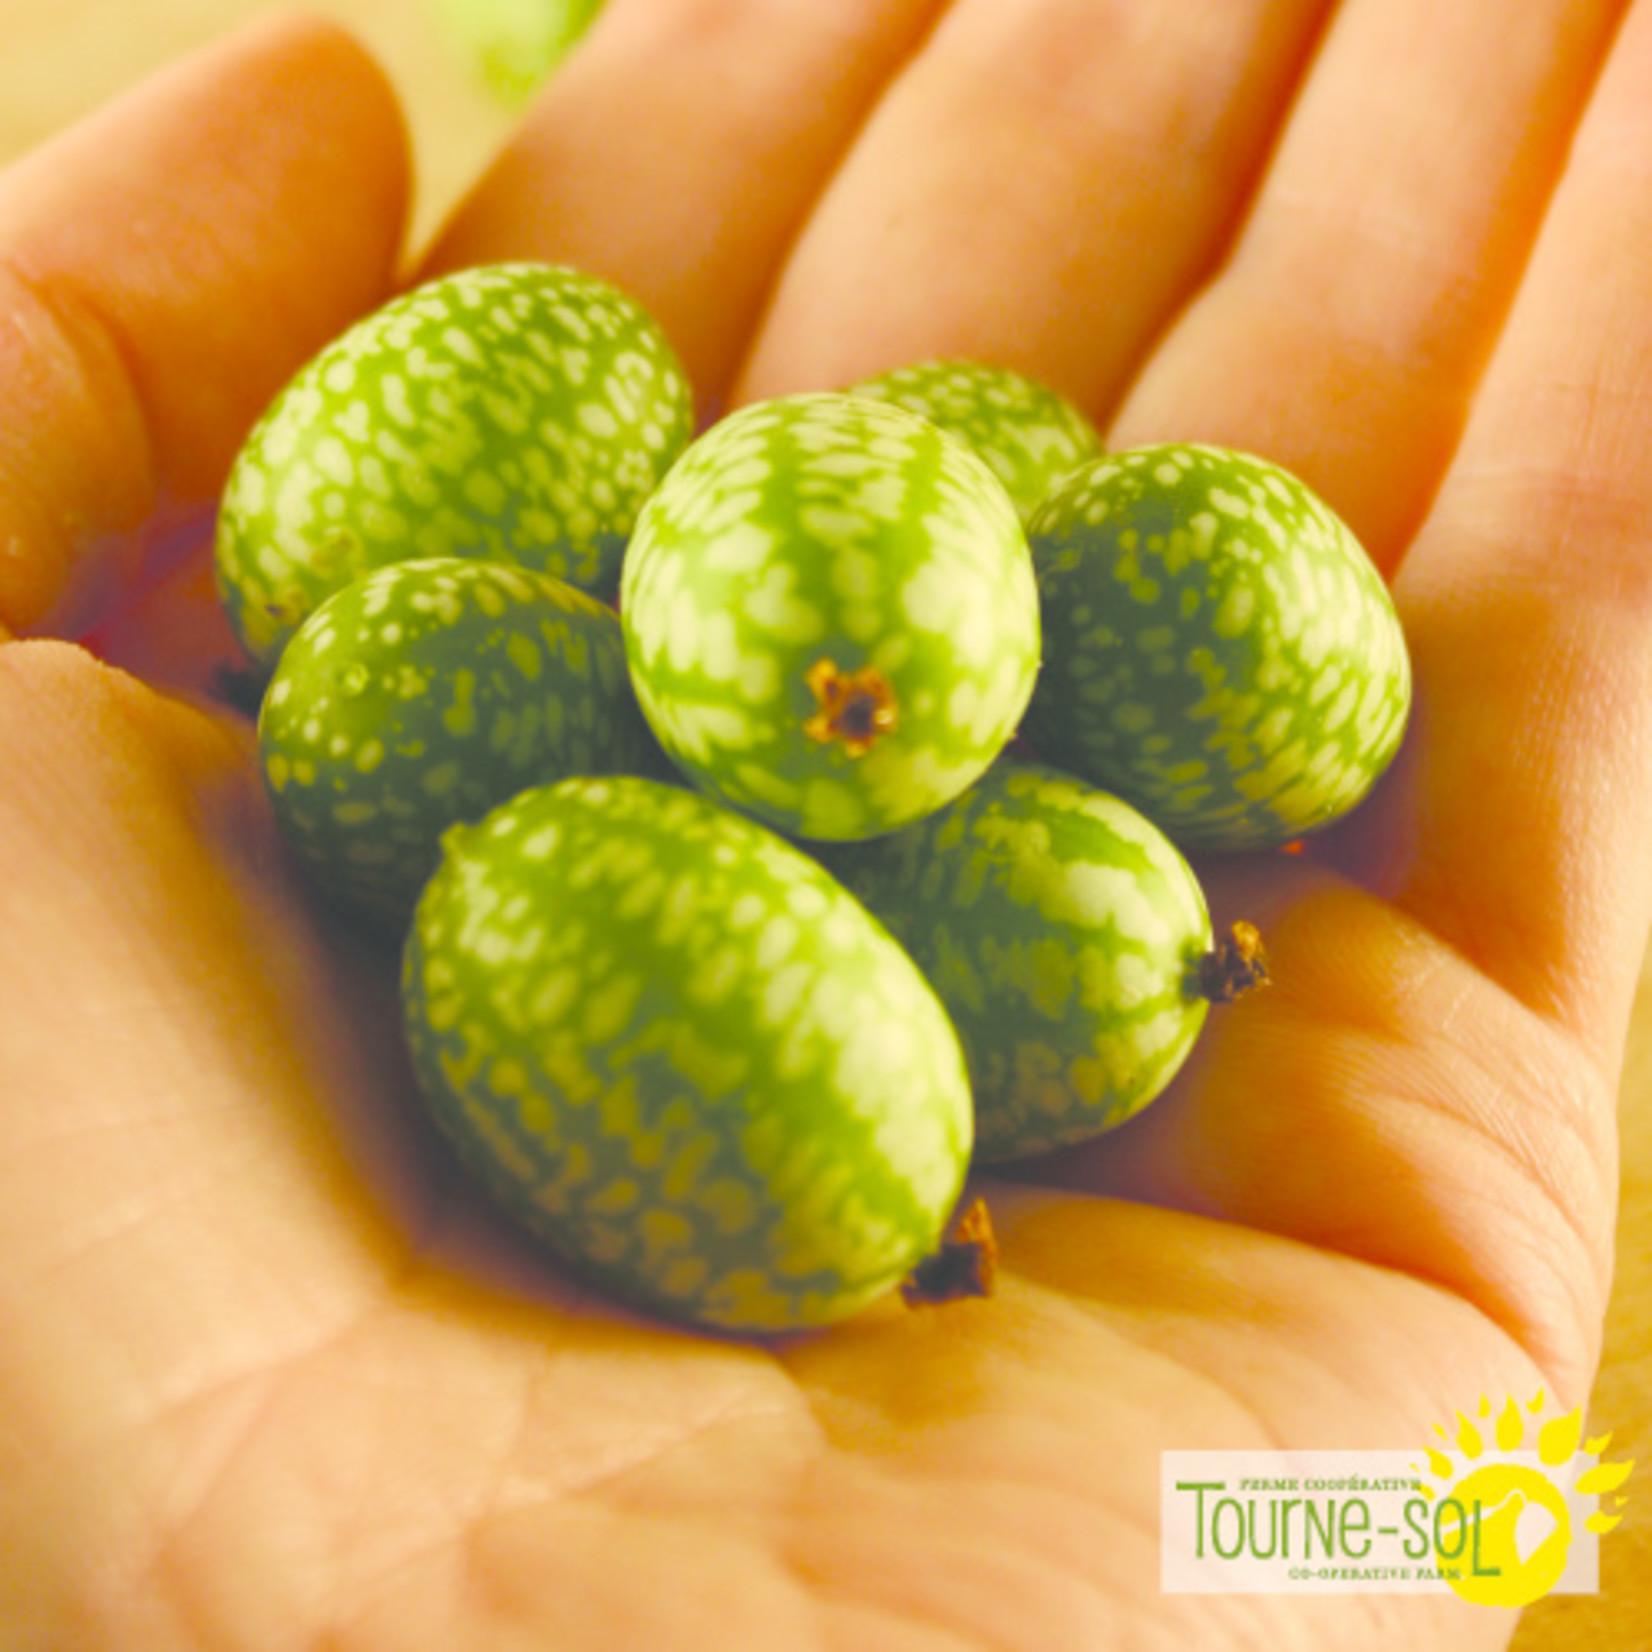 Tourne-Sol Melon Souris